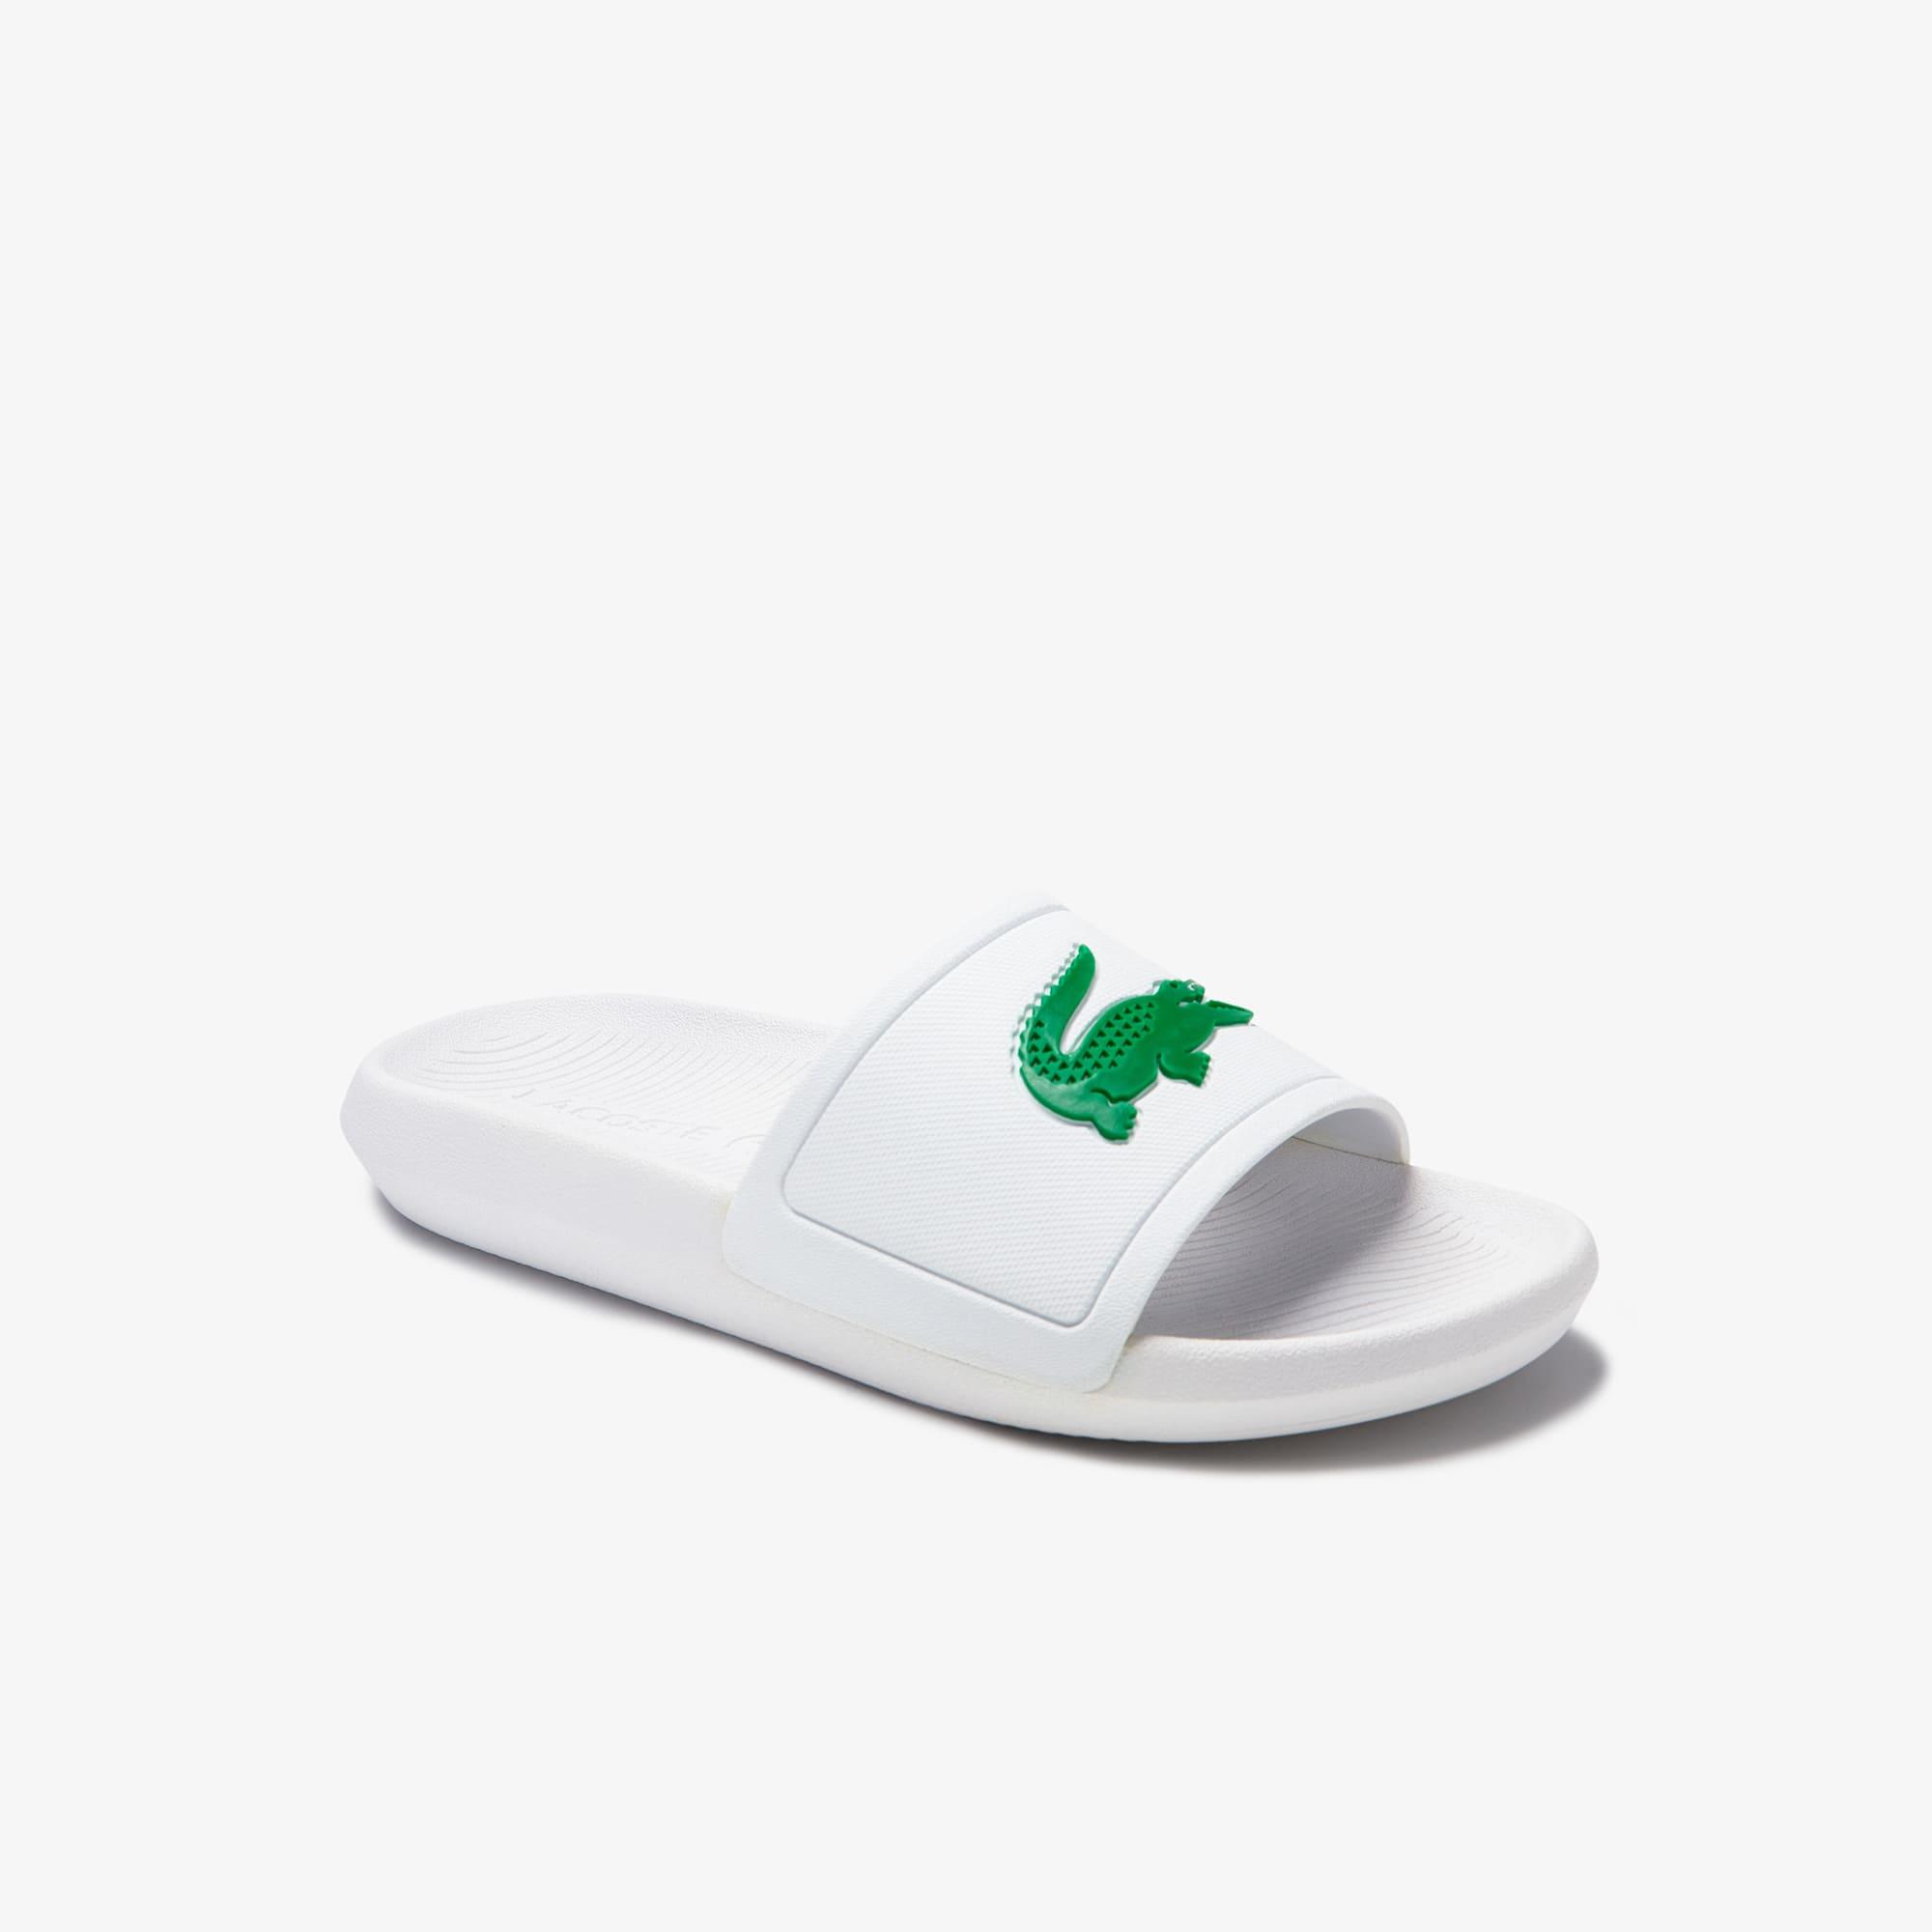 Lacoste Sandales Croco femme en synthétique Taille 35.5 Blanc/vert